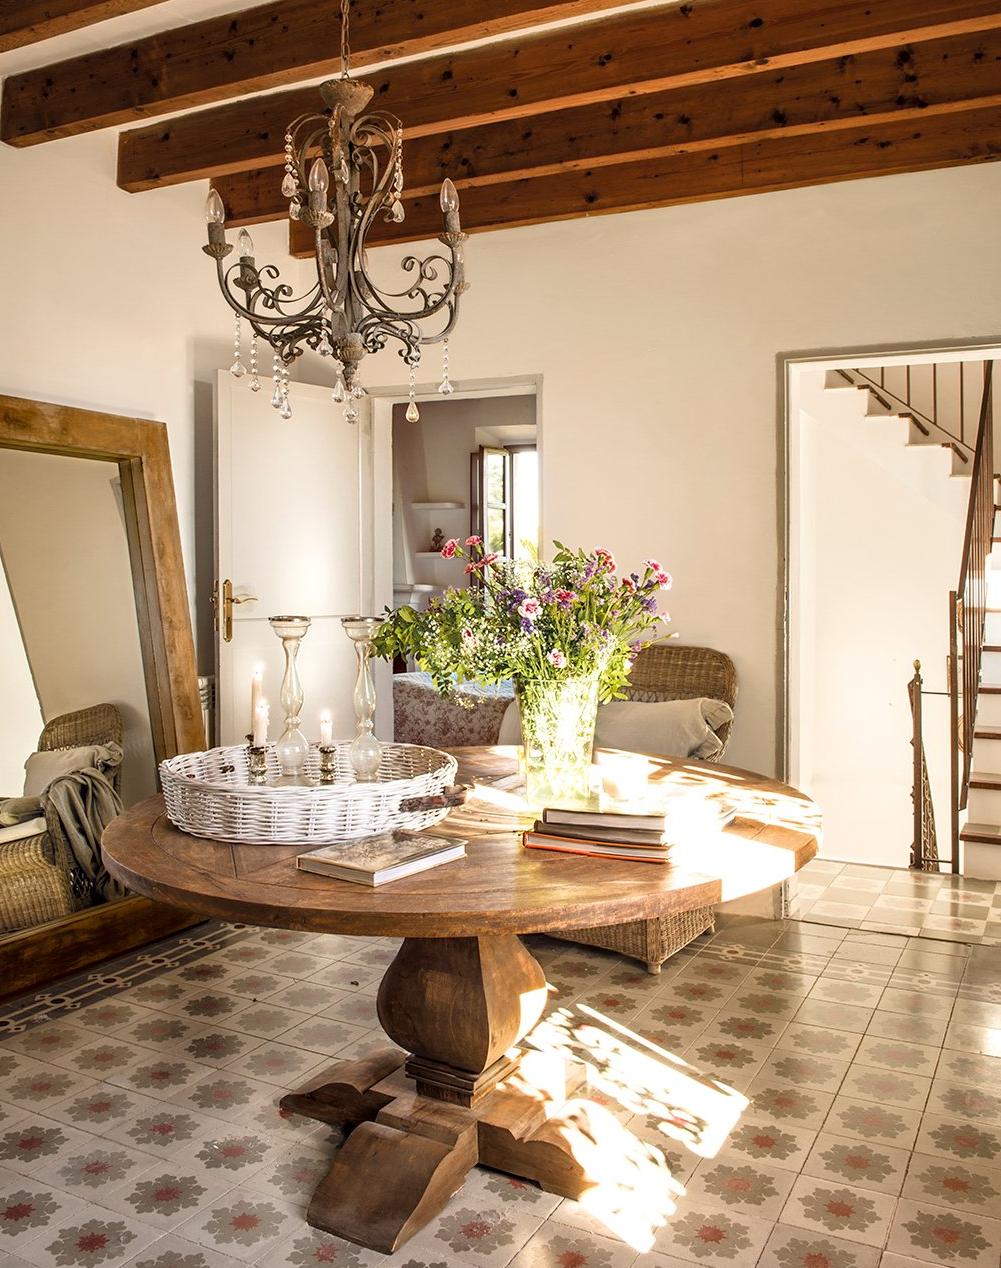 detalle interior - De antigua estación de tren a romántica casa llena de claridad y encanto